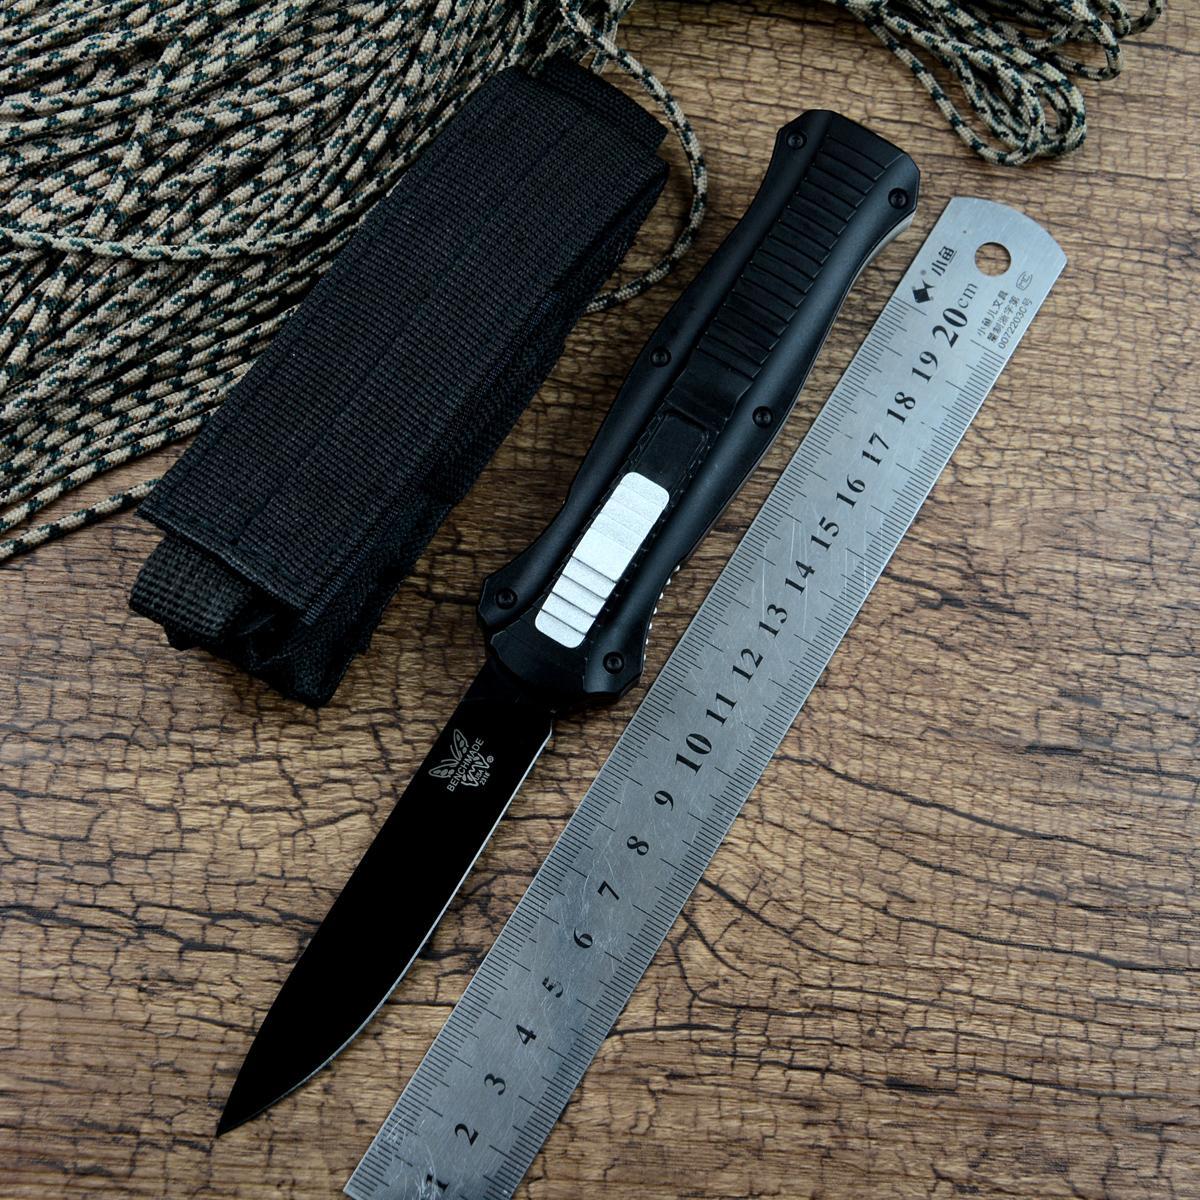 BM الكافر 3300 سكين أسود شفرة سبائك الألومنيوم التعامل مع نايلون الحقيبة الصيد في الهواء الطلق أداة التخييم بقاء